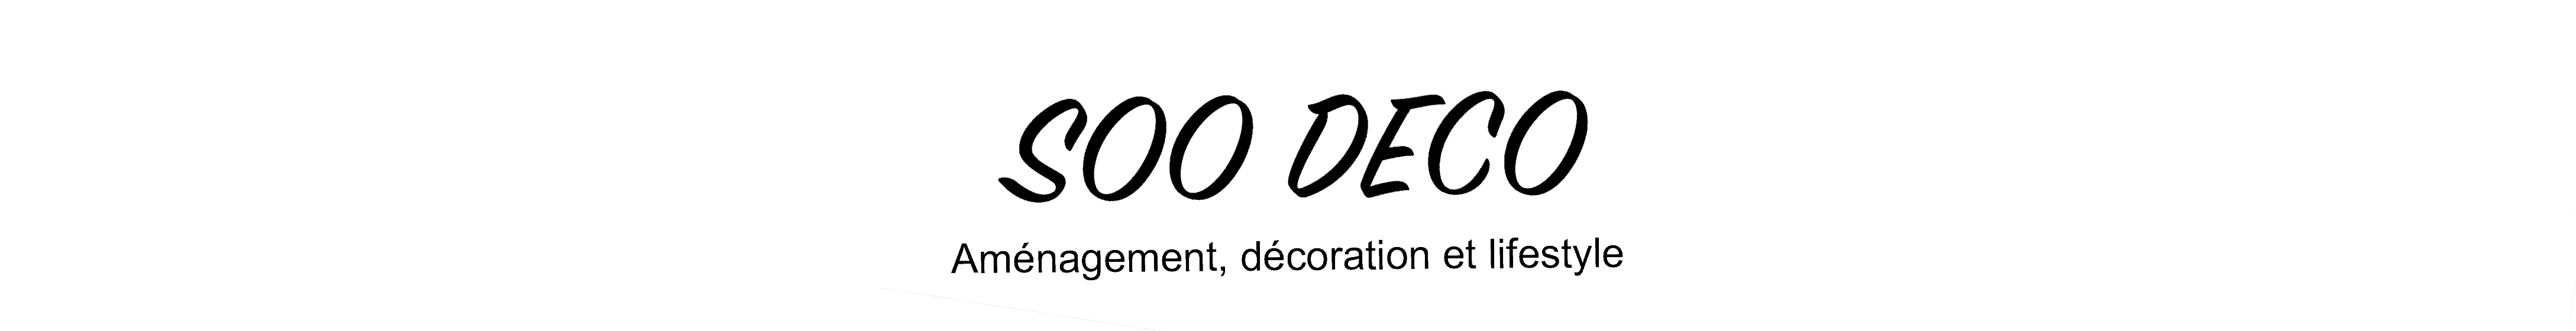 Soo Deco